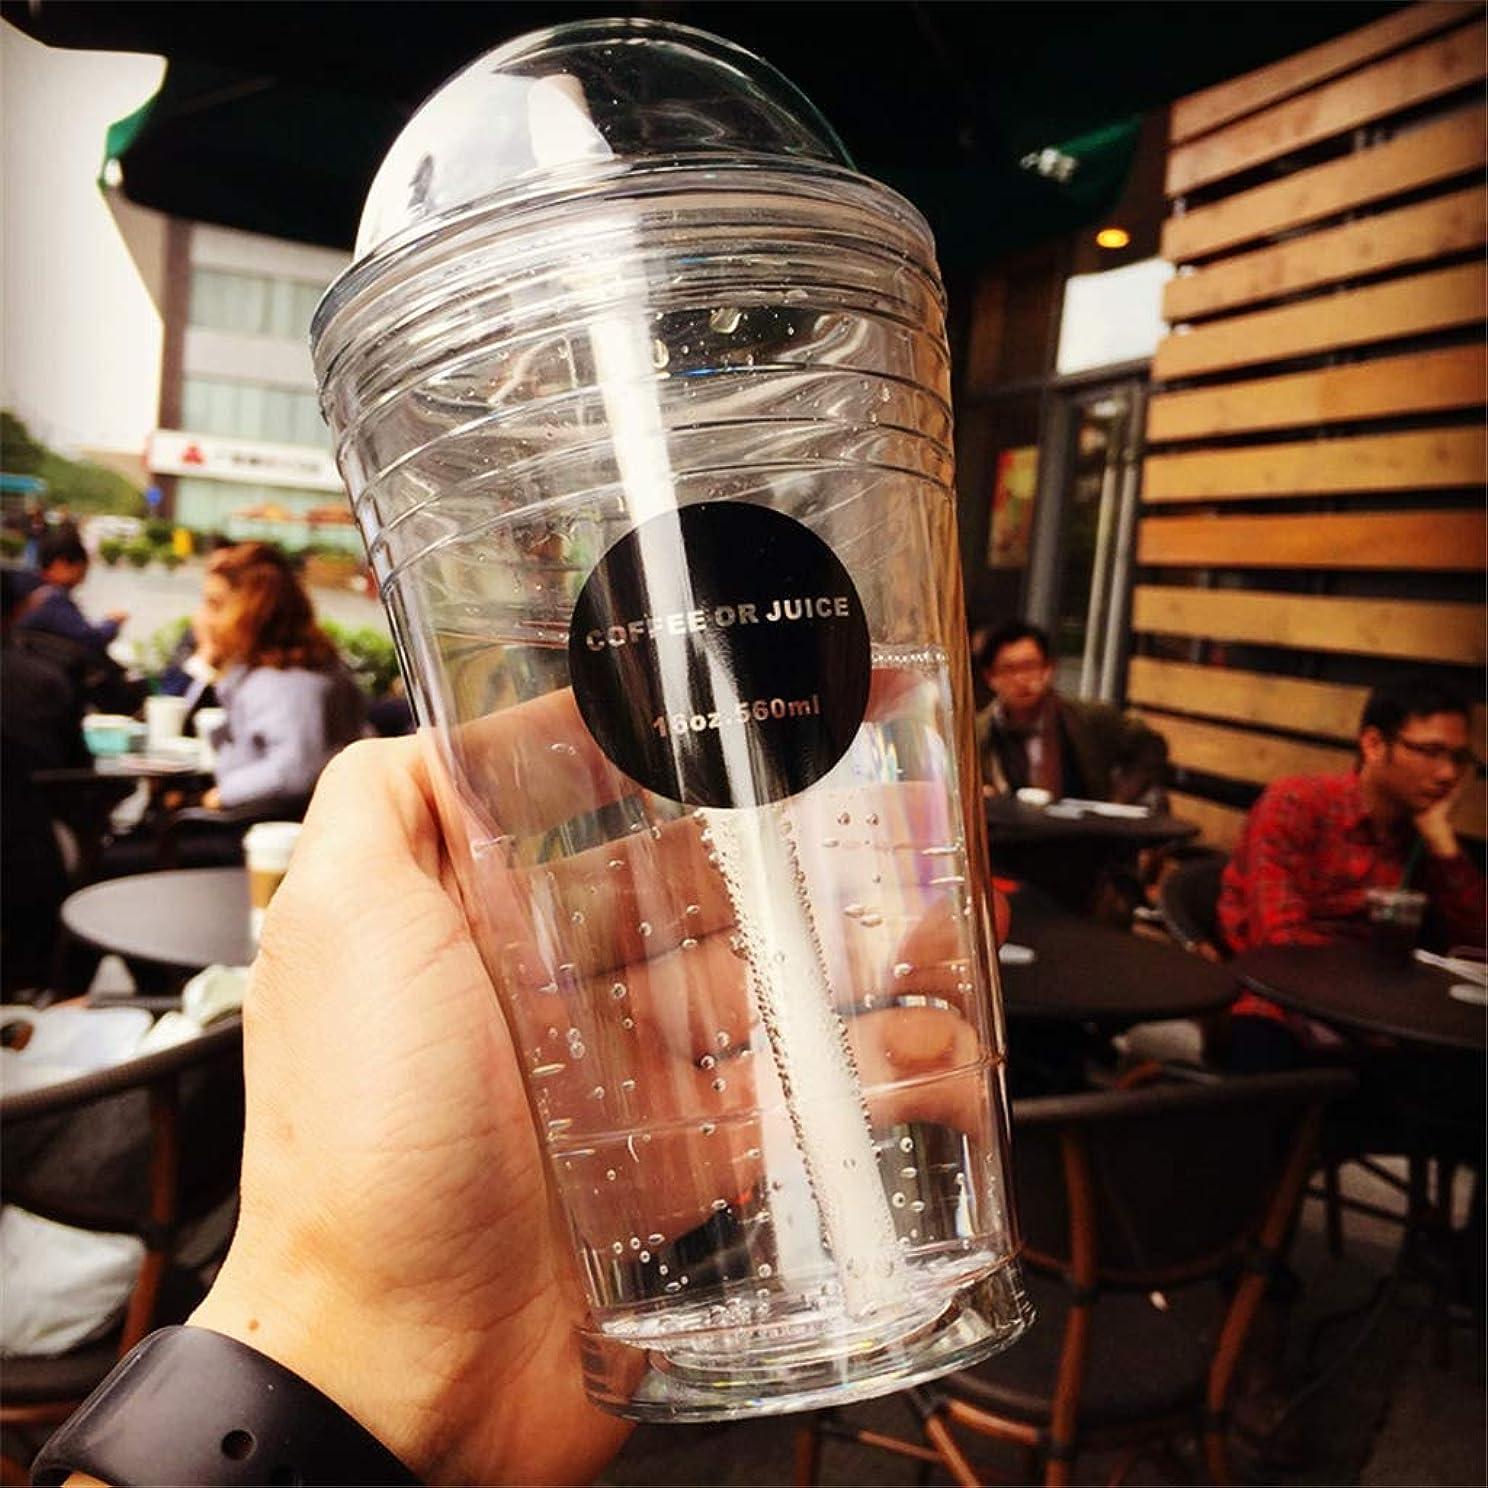 天国ハリケーン失速タピオカミルクティー専用カップ、二重構造漏れ防止マイタピオカカップ、こぼれない漏れないふた付 携帯透明感BPAフリー 320ml/420ml/520ml 5カラー,Clear,520ml